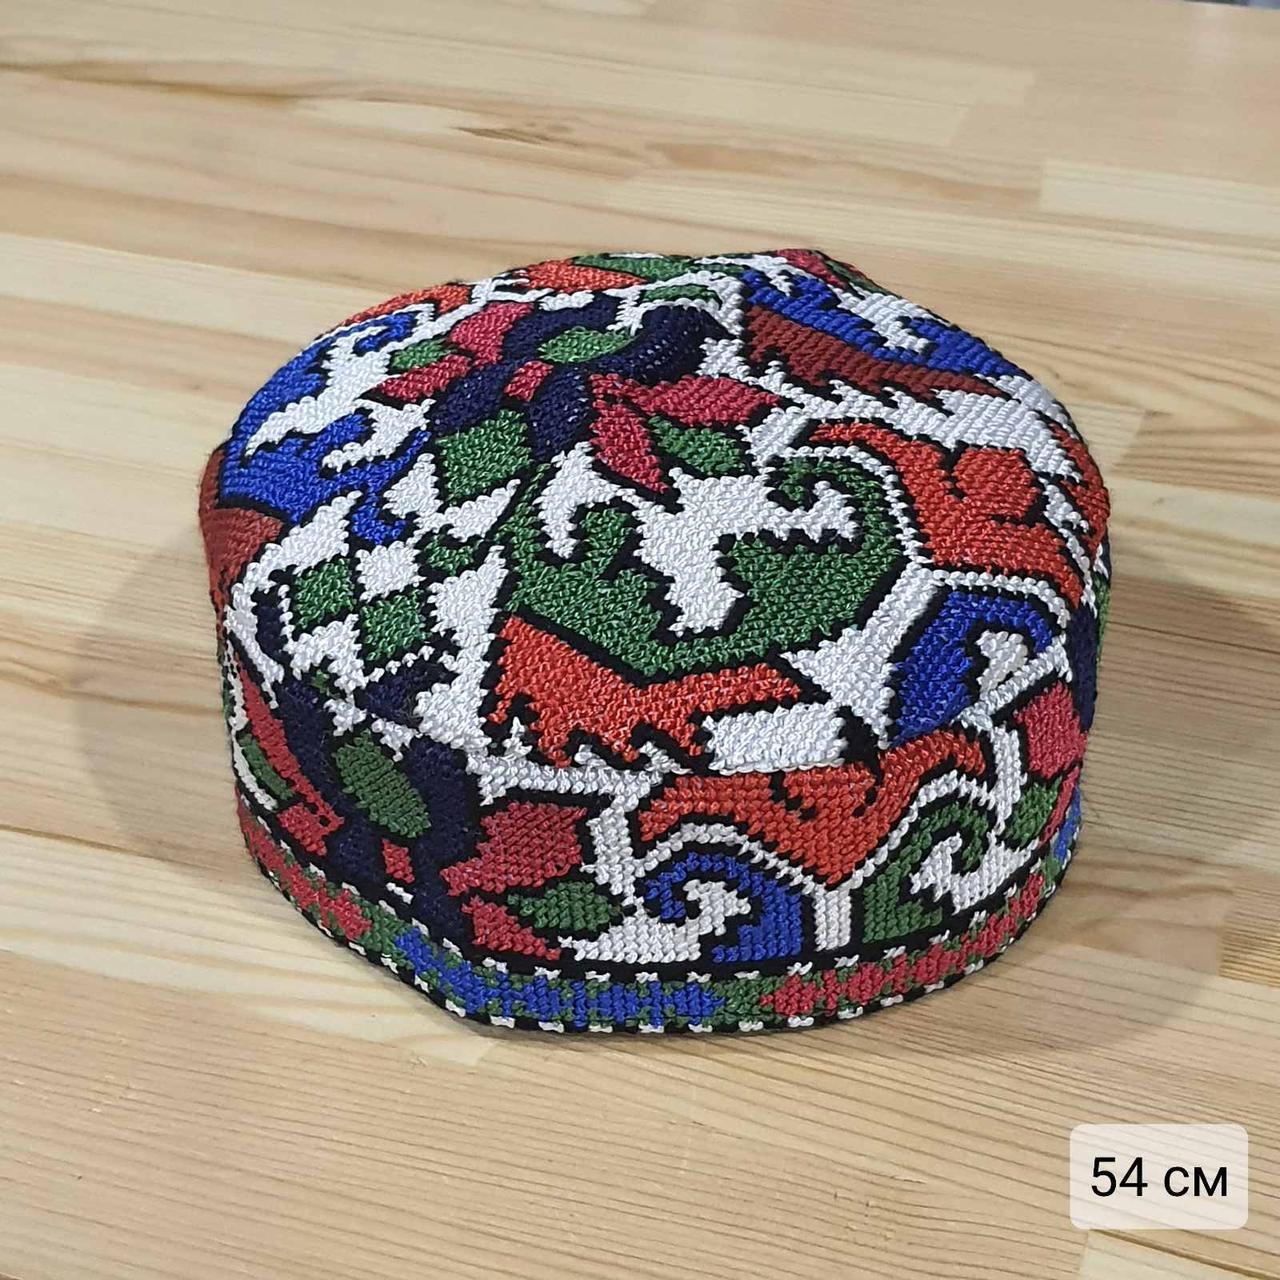 Узбекская тюбетейка 54 см. Ручная вышивка. Узбекистан (54_10)